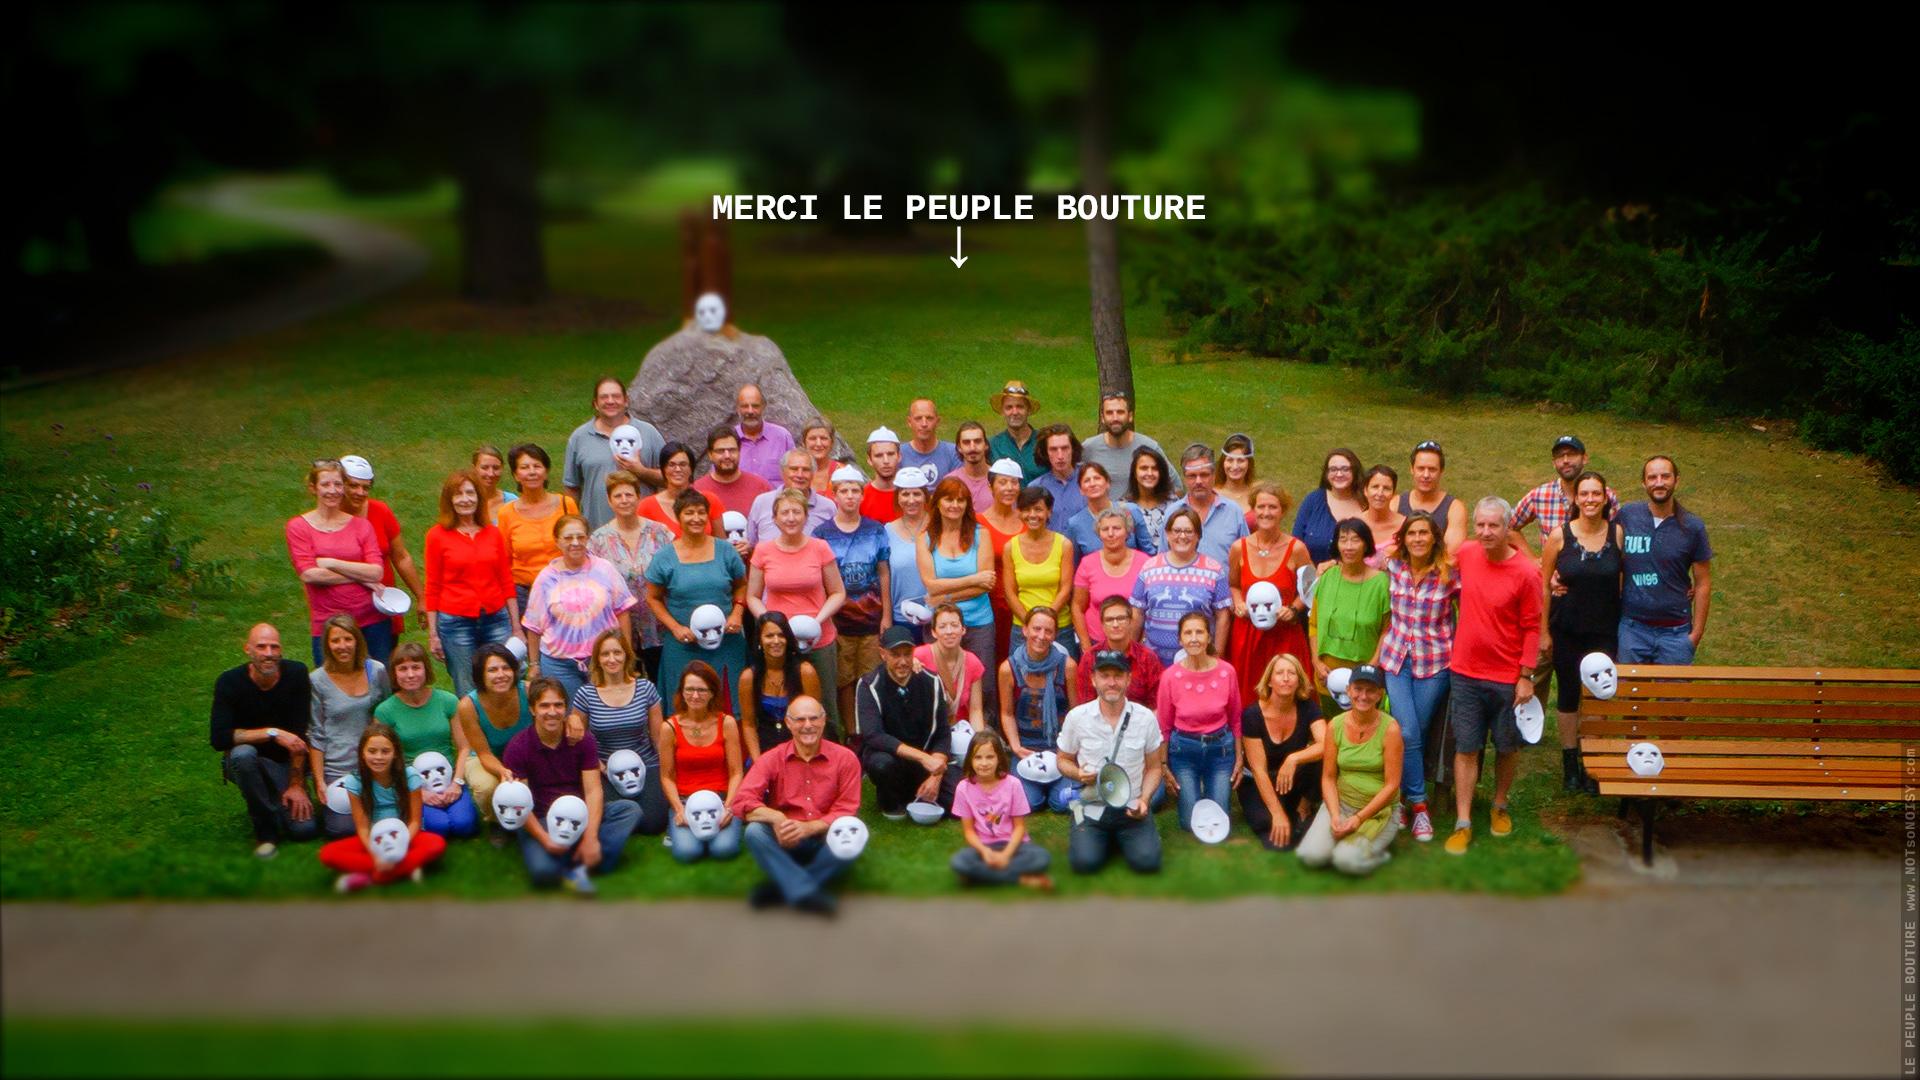 LePeupleBouture23_peuple